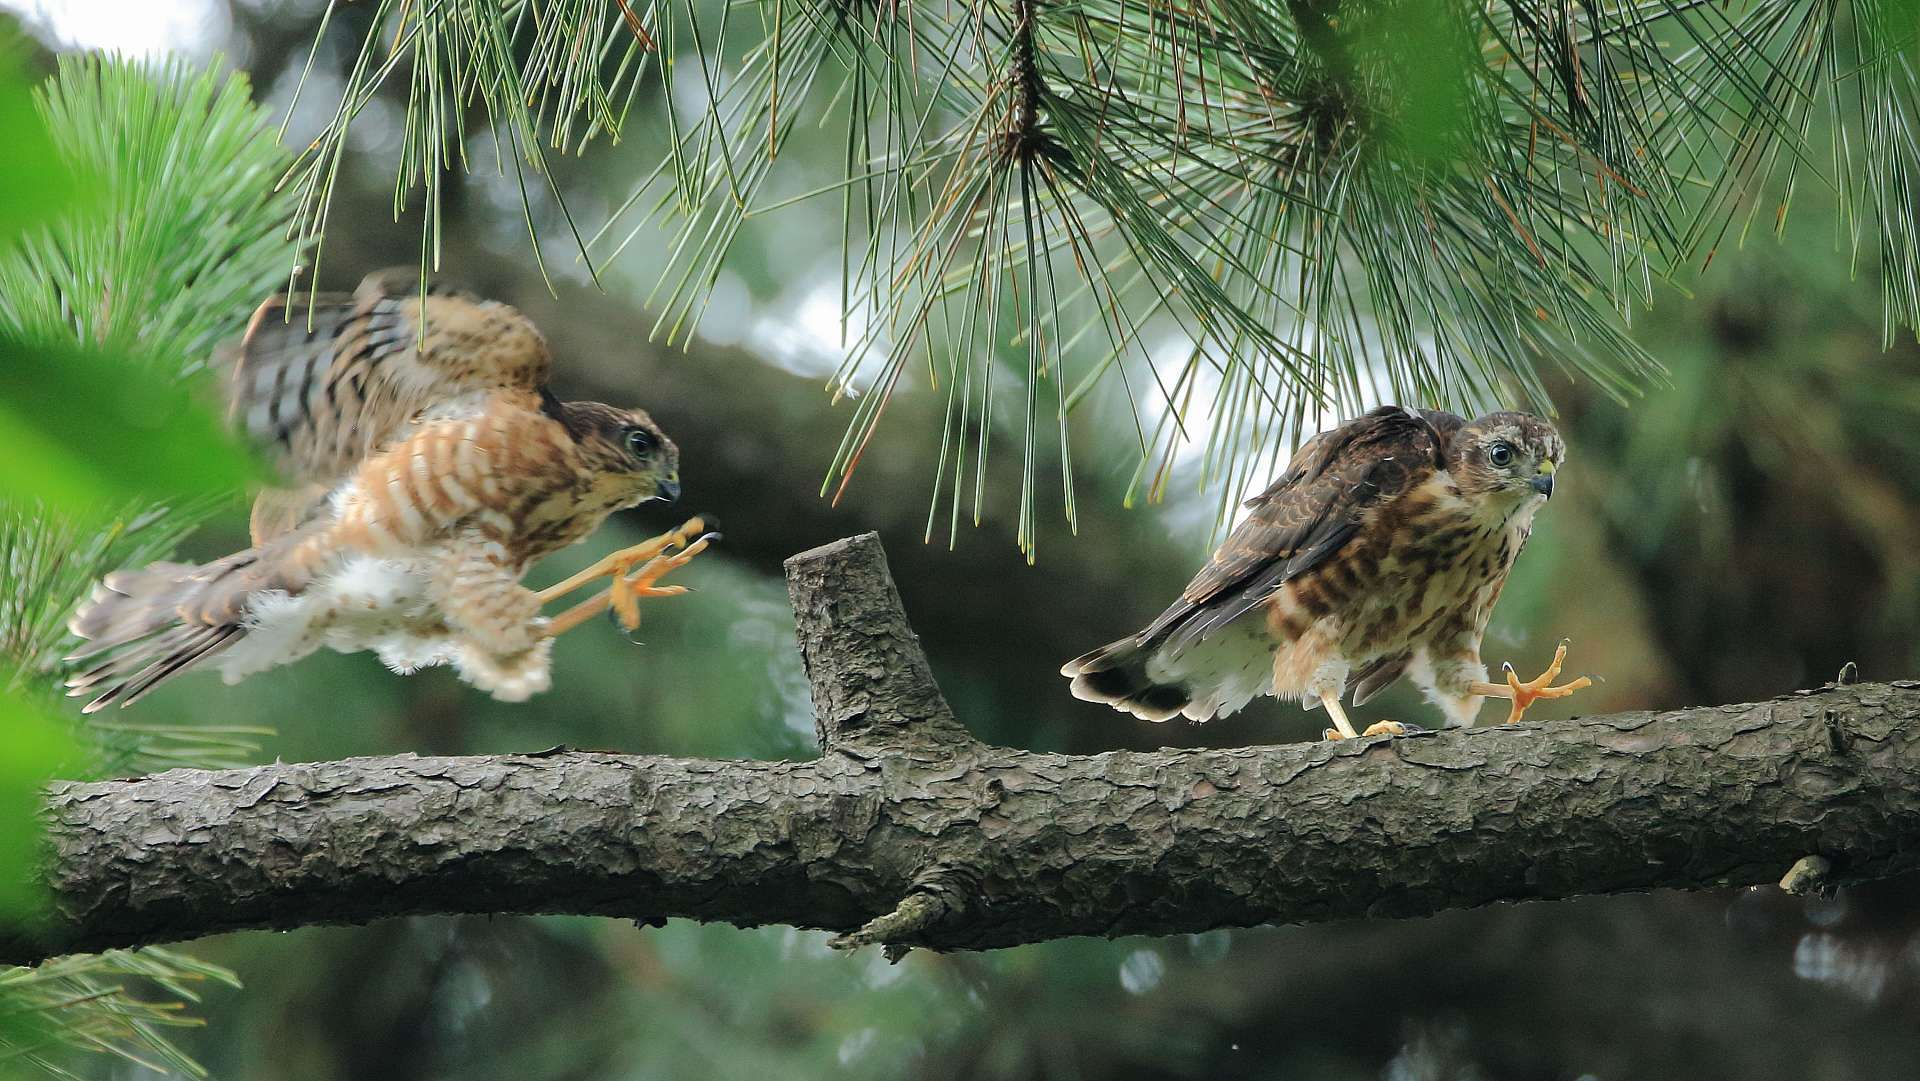 ツミ幼鳥が2羽で跳ね回る_f0105570_21564237.jpg